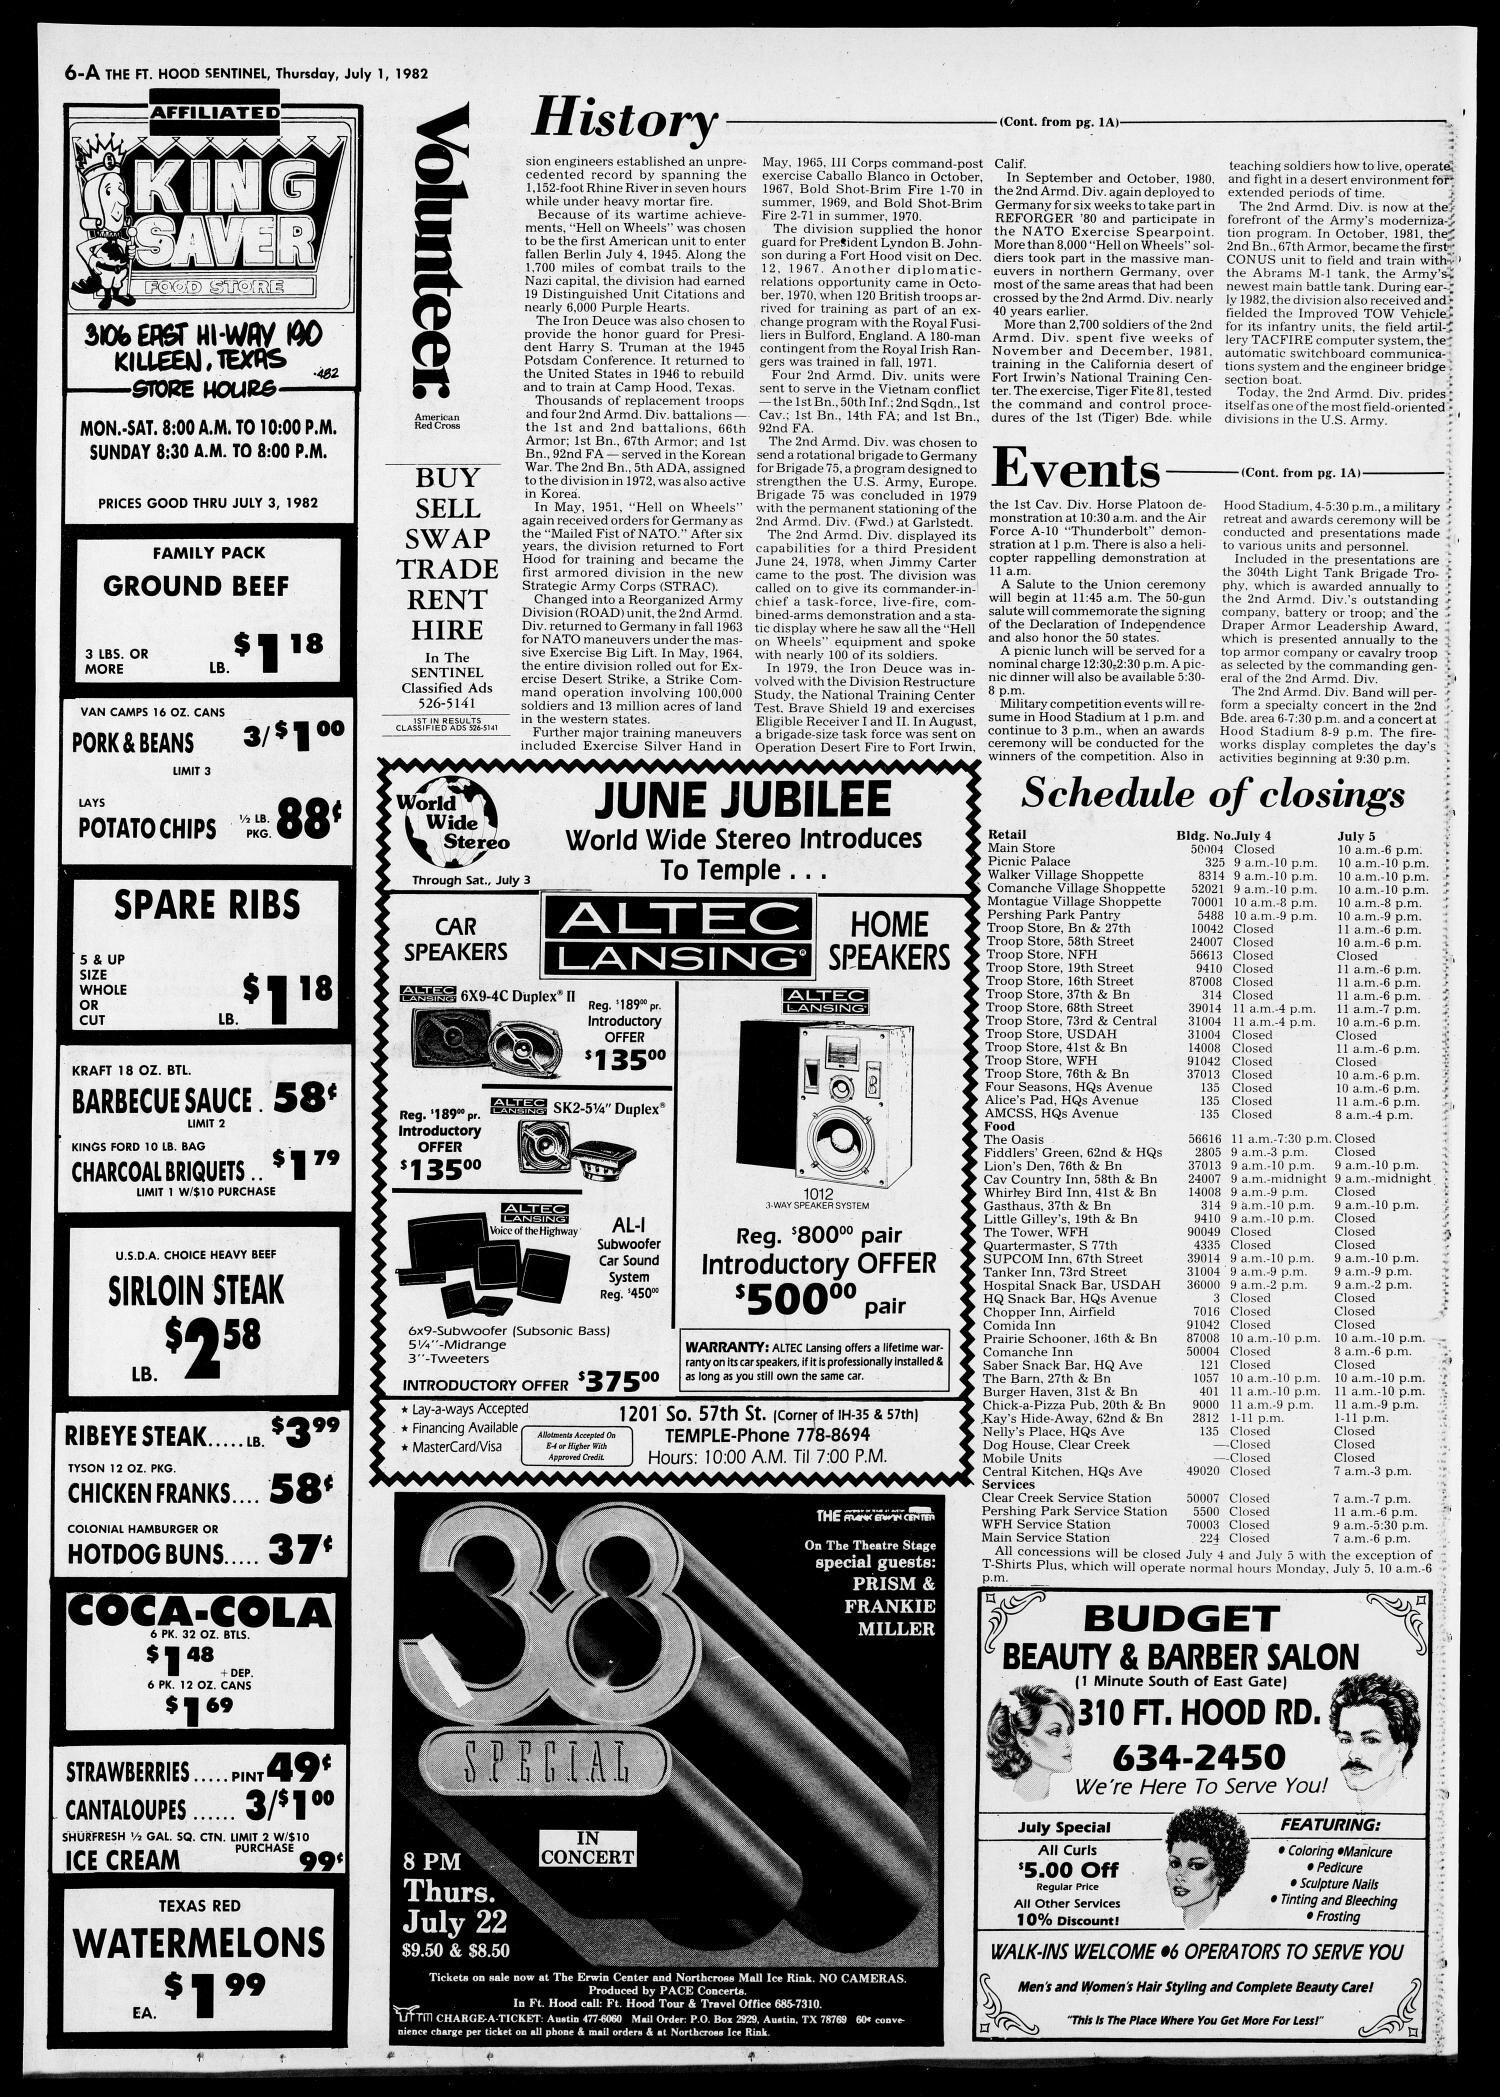 FT. HOOD SENTINEL_1 JUL 1982_PG 6.jpg